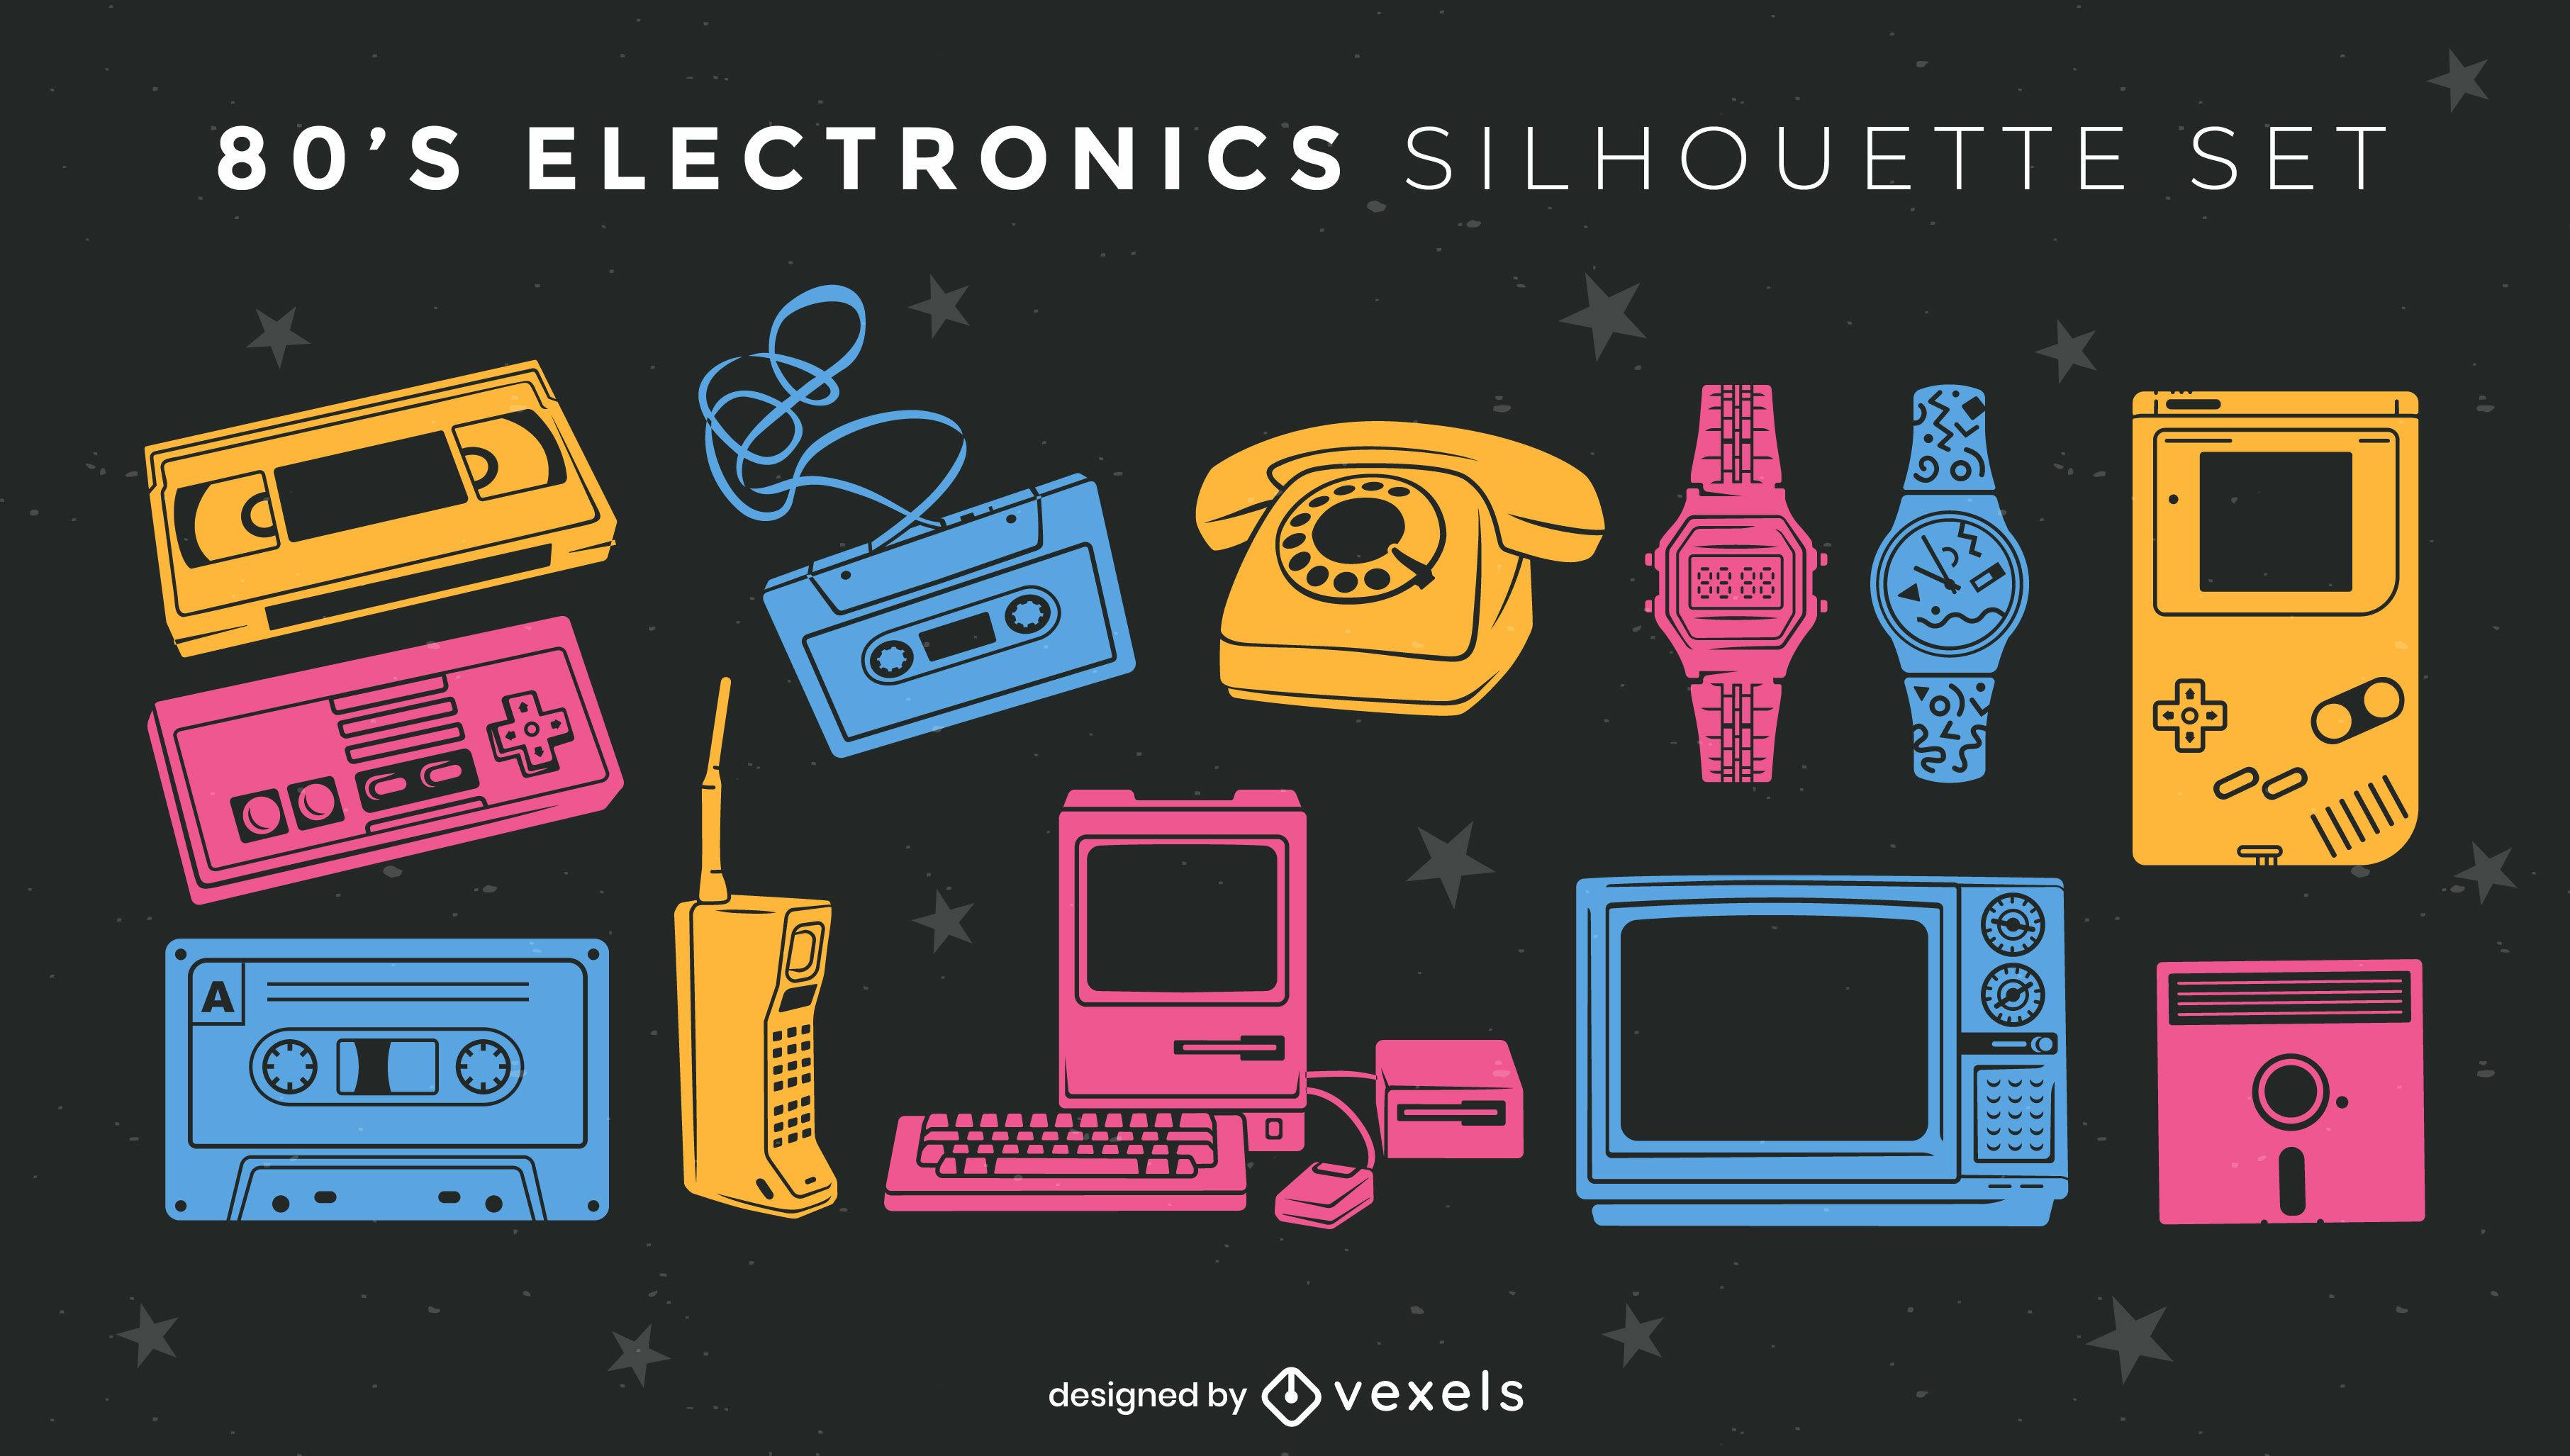 Retro electronic elements color cut out set